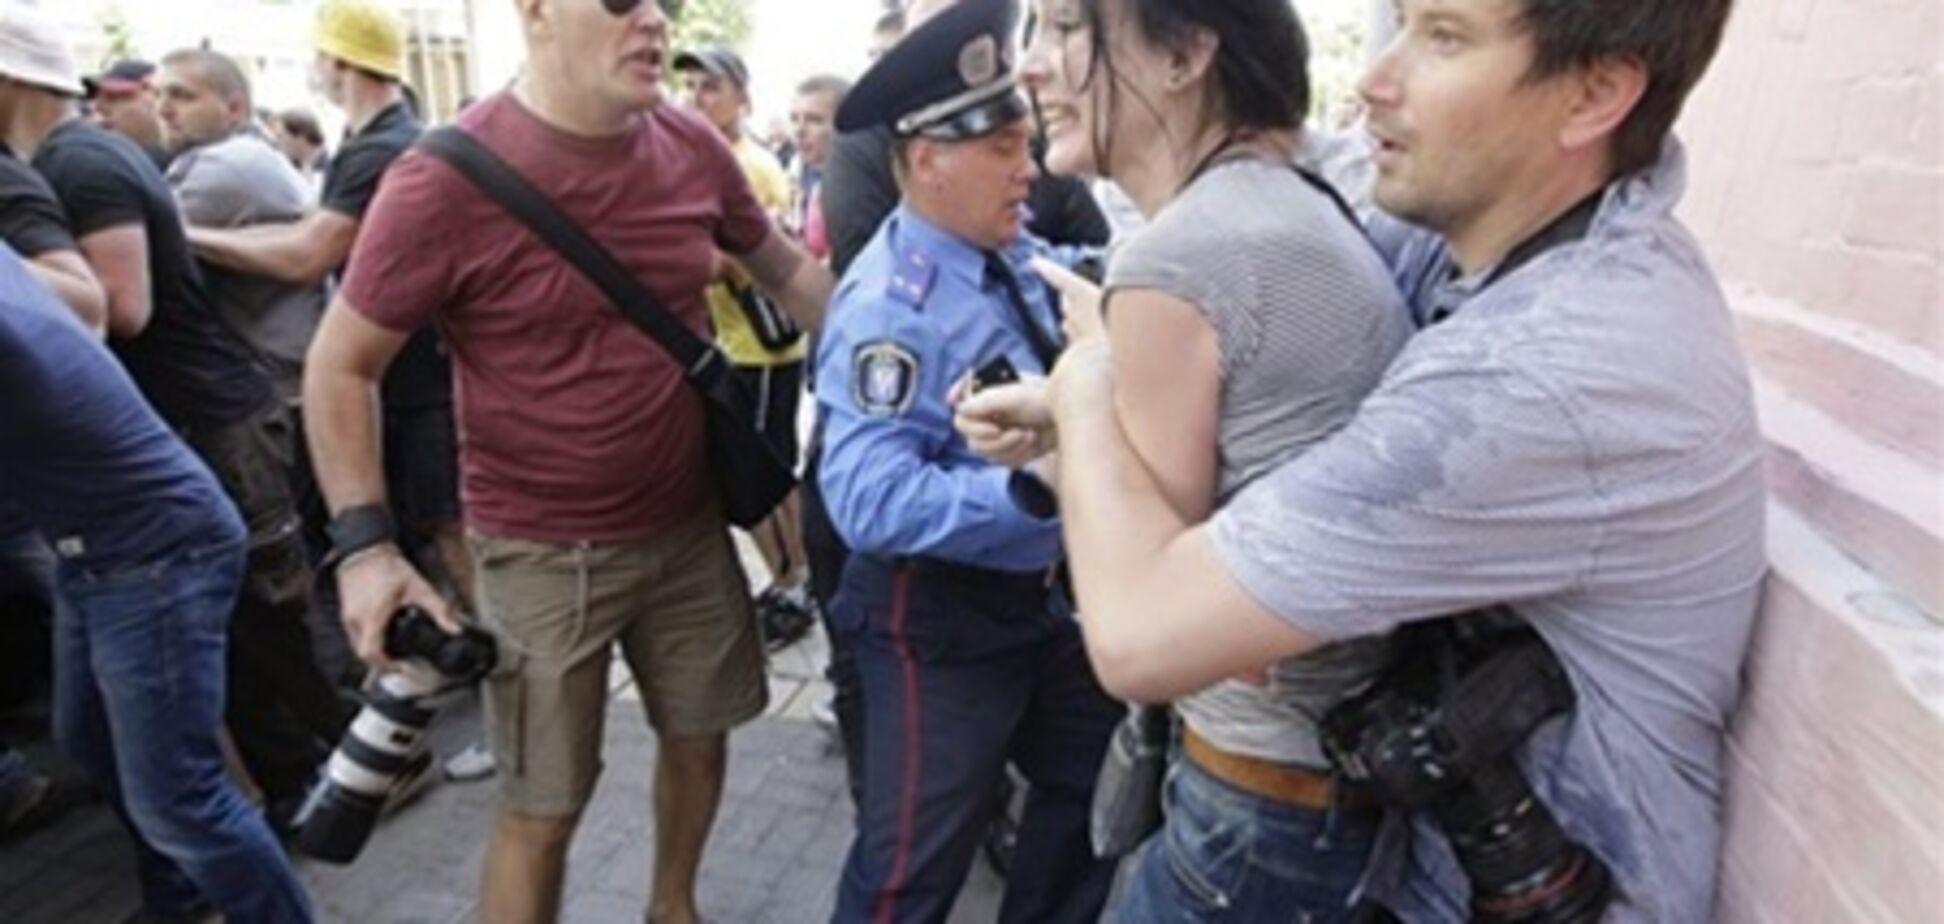 У Києві мітингувальники до крові побили журналістів